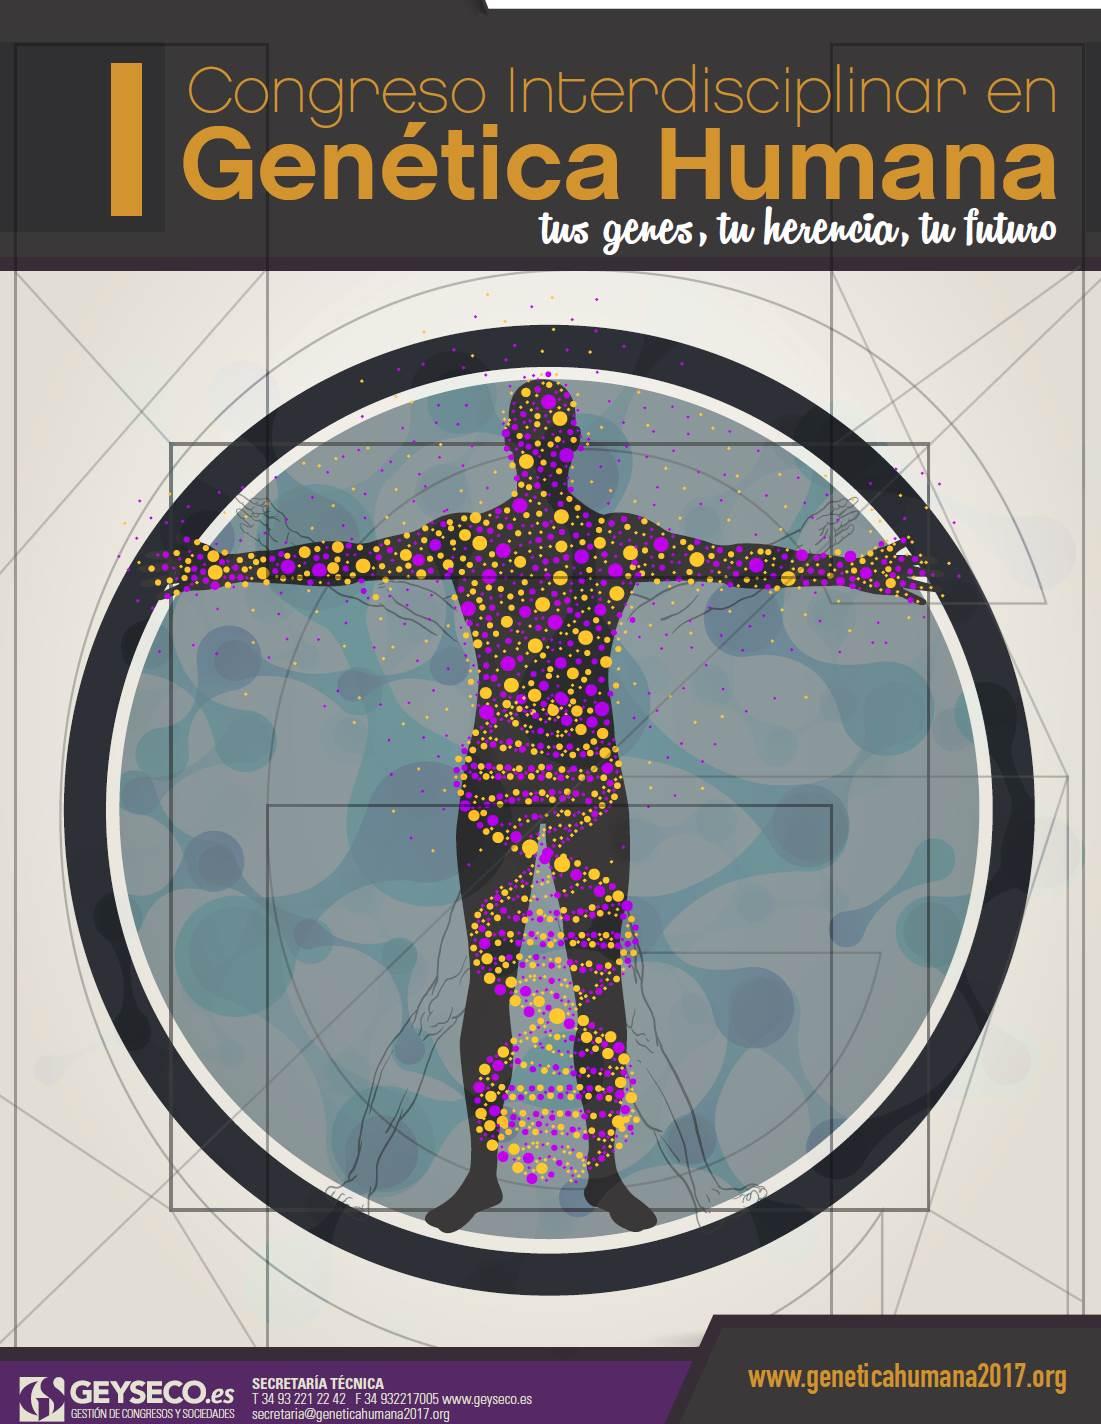 congreso interdisciplinar en genética humana